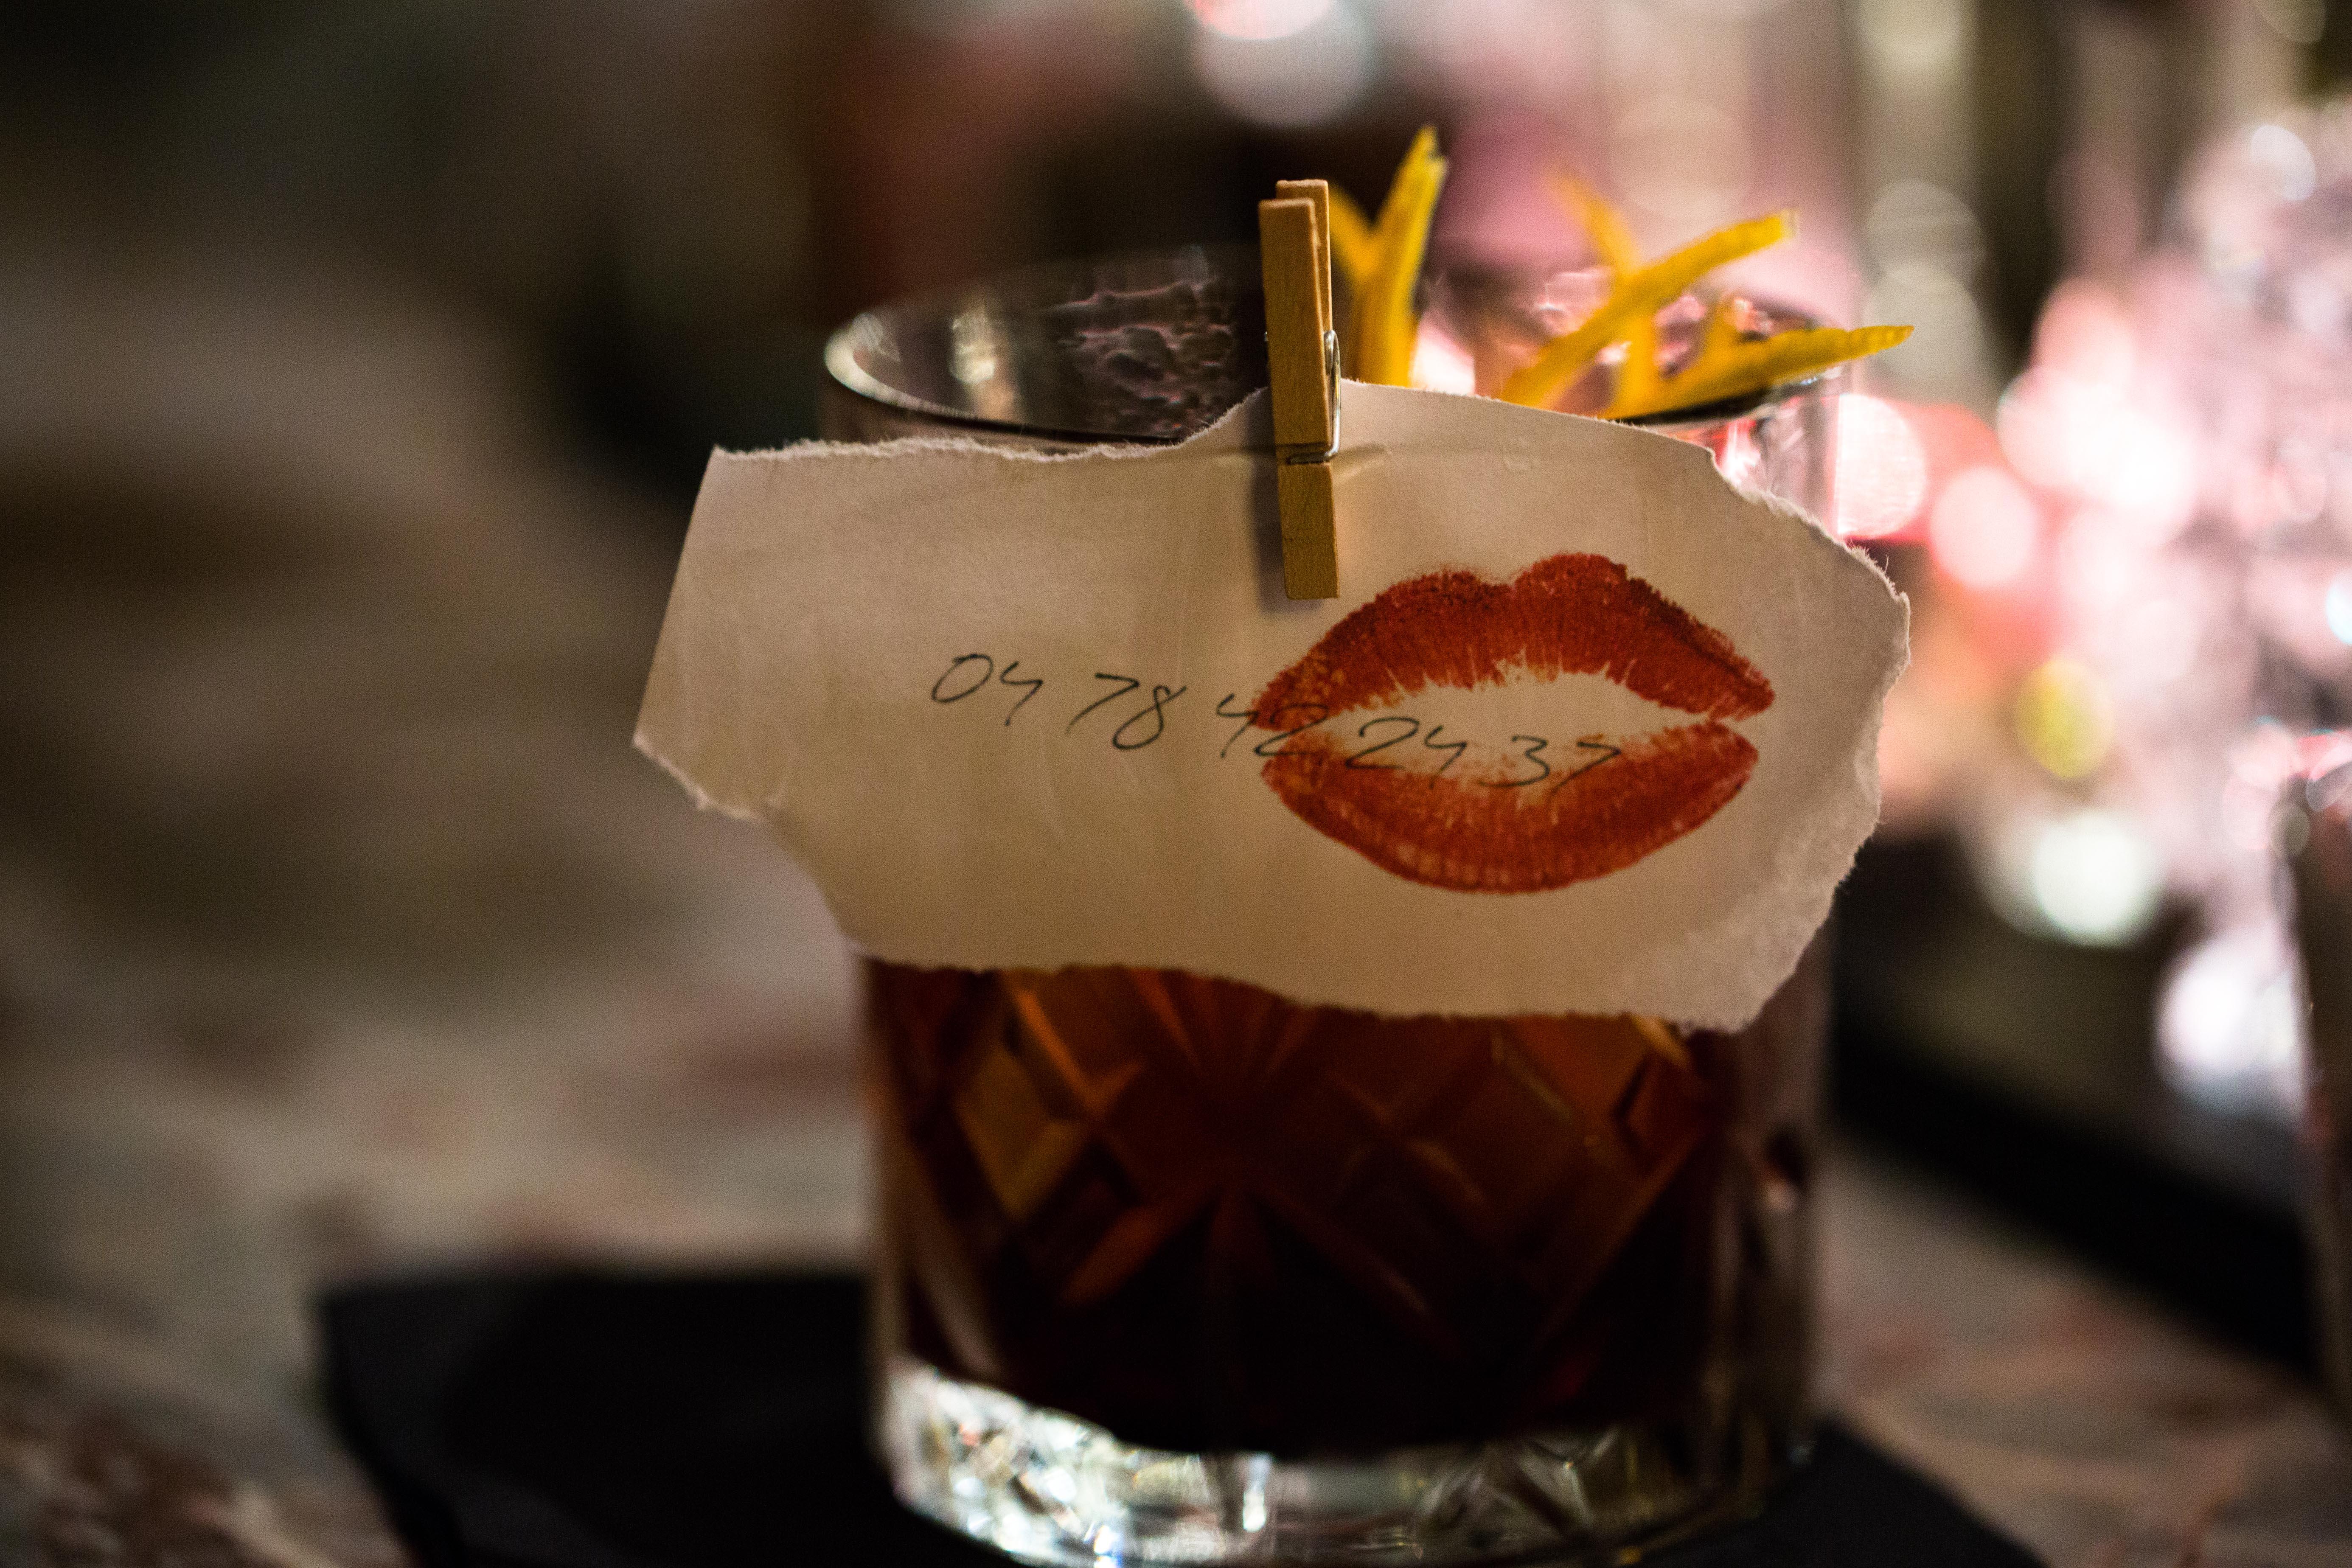 cocktail-fannygaudin-5130